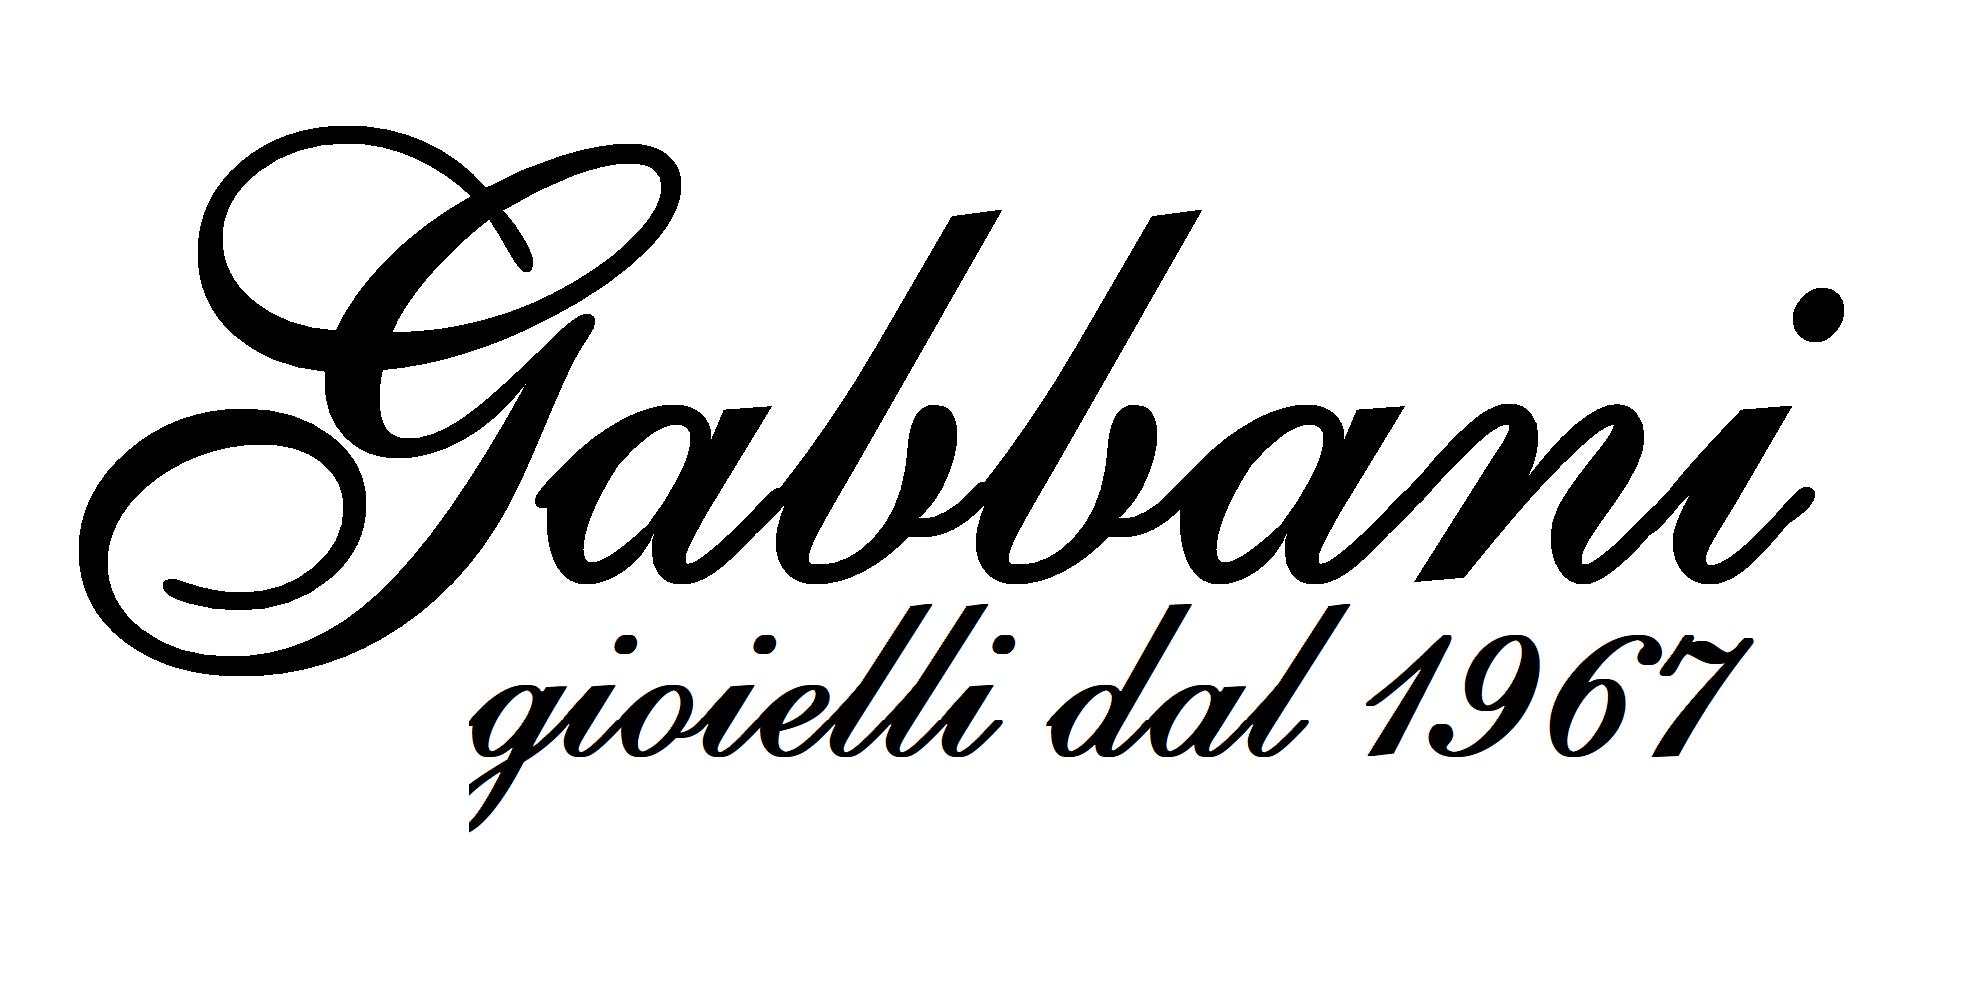 Gioielleria Gabbani